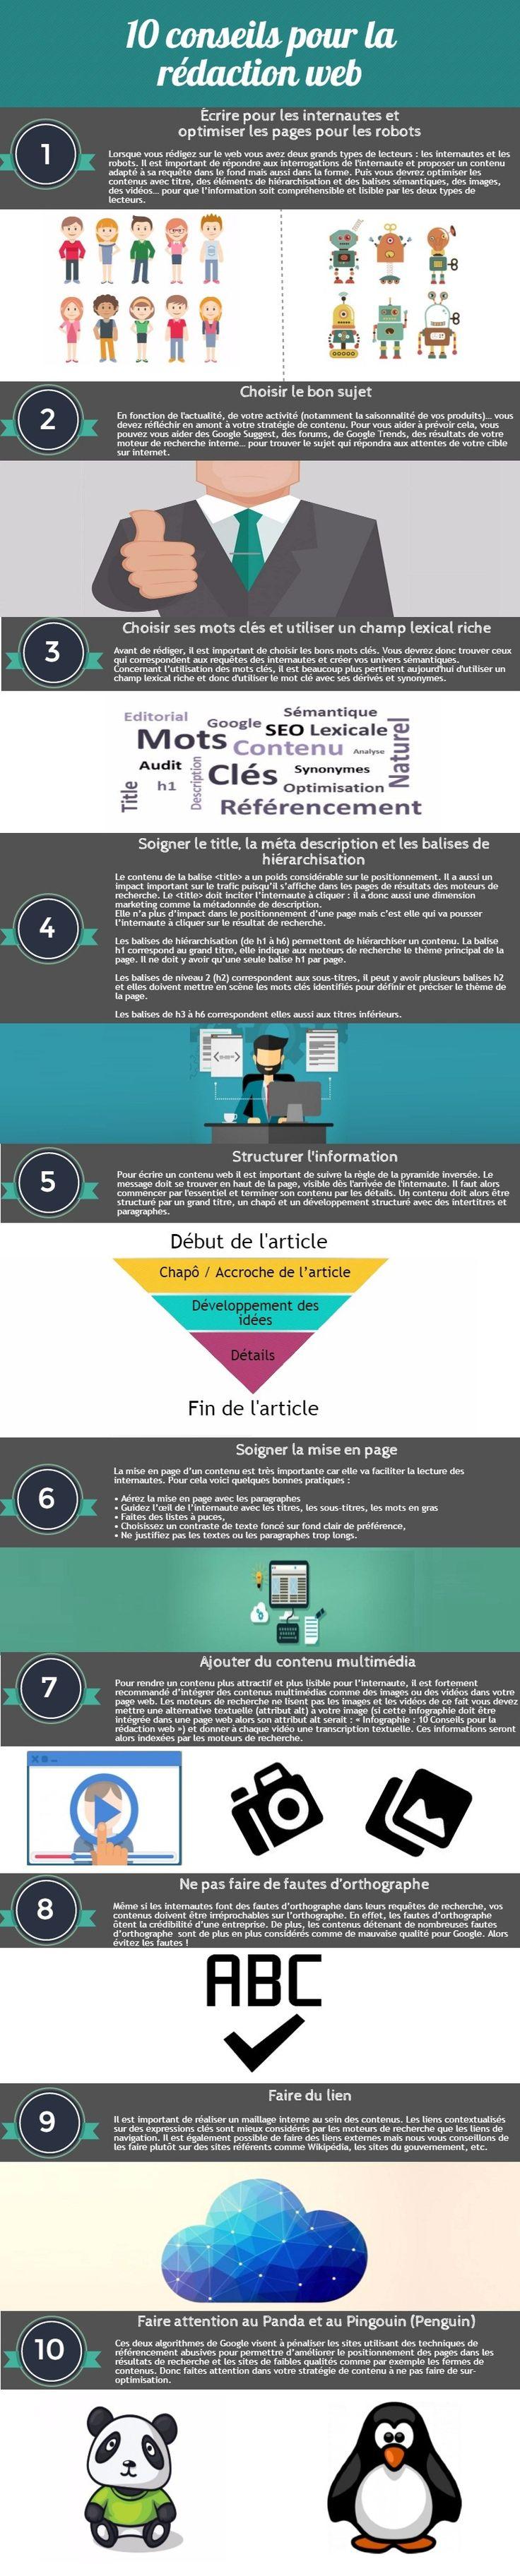 10 conseils pour la rédaction web